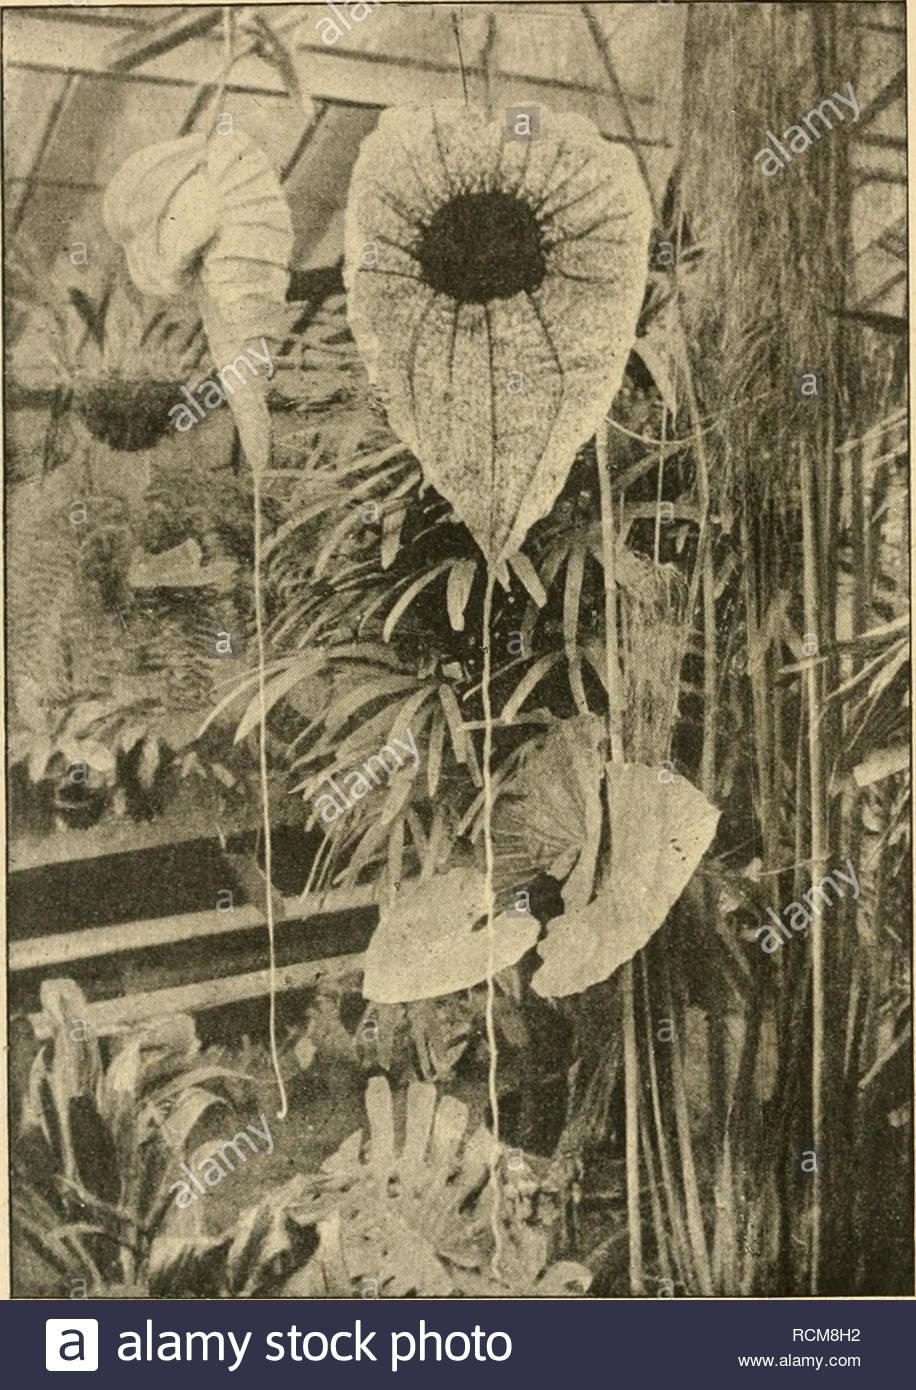 gartenwelt gardening 164 gartenwelt xxiii 20 gepflanzt gedeiht se seltene pflanze mit ihrer bohnenhn lichen belaubung fast mhelos im herbst sind triebe stark zurckzuschneiden und pflanze ist dann bis zum mrz nur wenig zu bewssern vermehrung erfolgt im frhjahr und sommer durch stecklinge aufnahme stammt aus der privatgrtnerei der frau kommerzienrat schtte in berlin steglitz einer begeisterten frderin des gartenbaues welchen nun sehr vorsichtig in eine durchlochte orchideenschale schon anfang april reichte der platz in dem einen geviertmeter gr RCM8H2